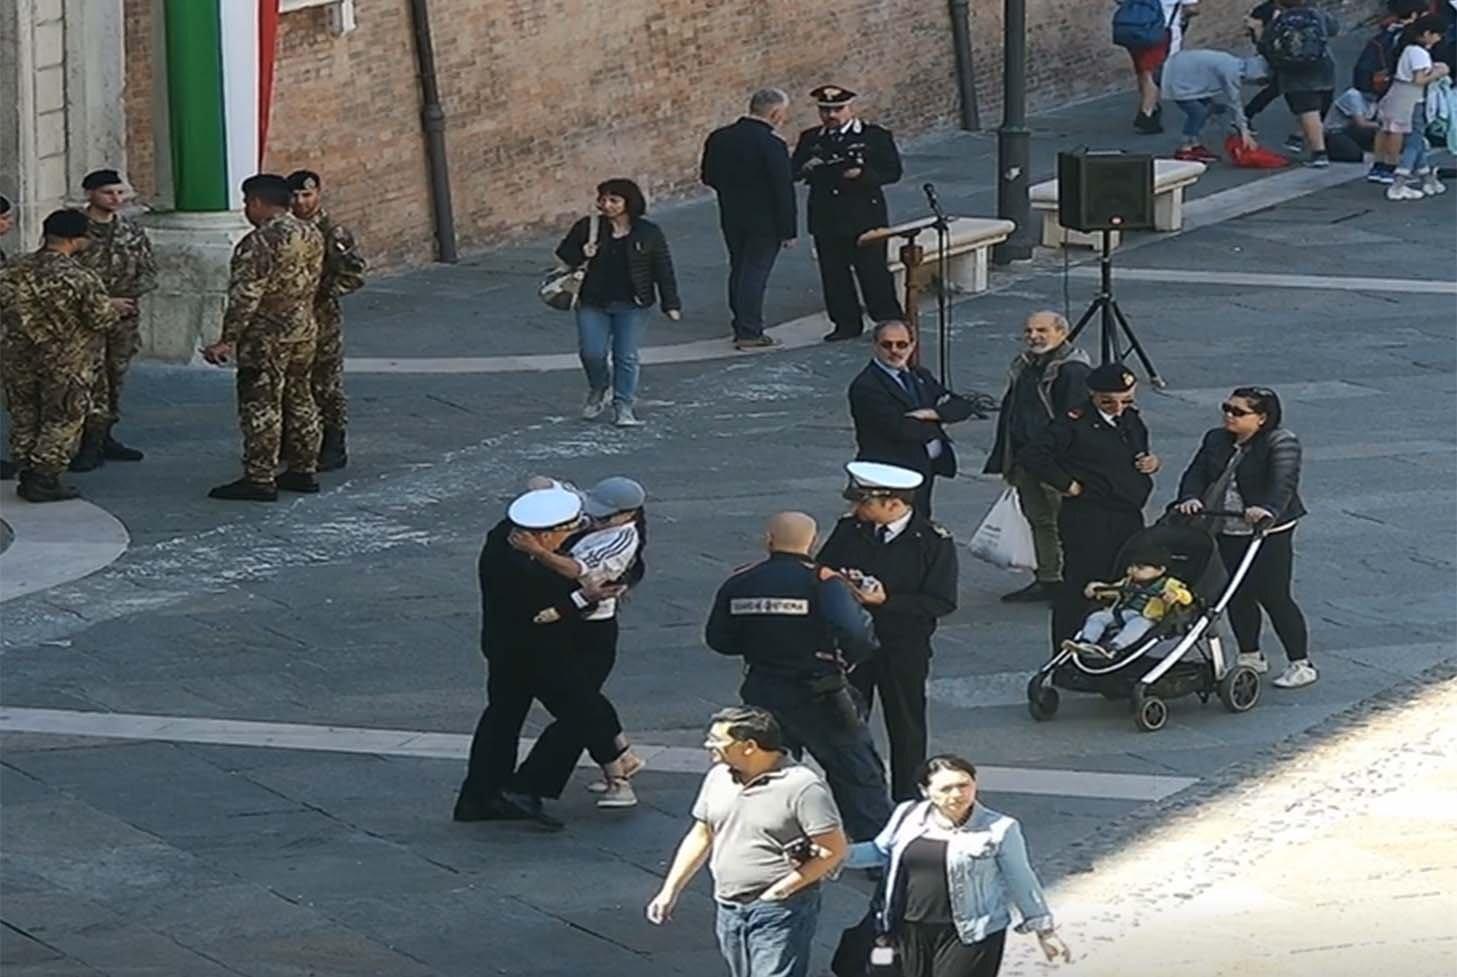 Accoltellò militare a Ravenna, chiesto giudizio immediato